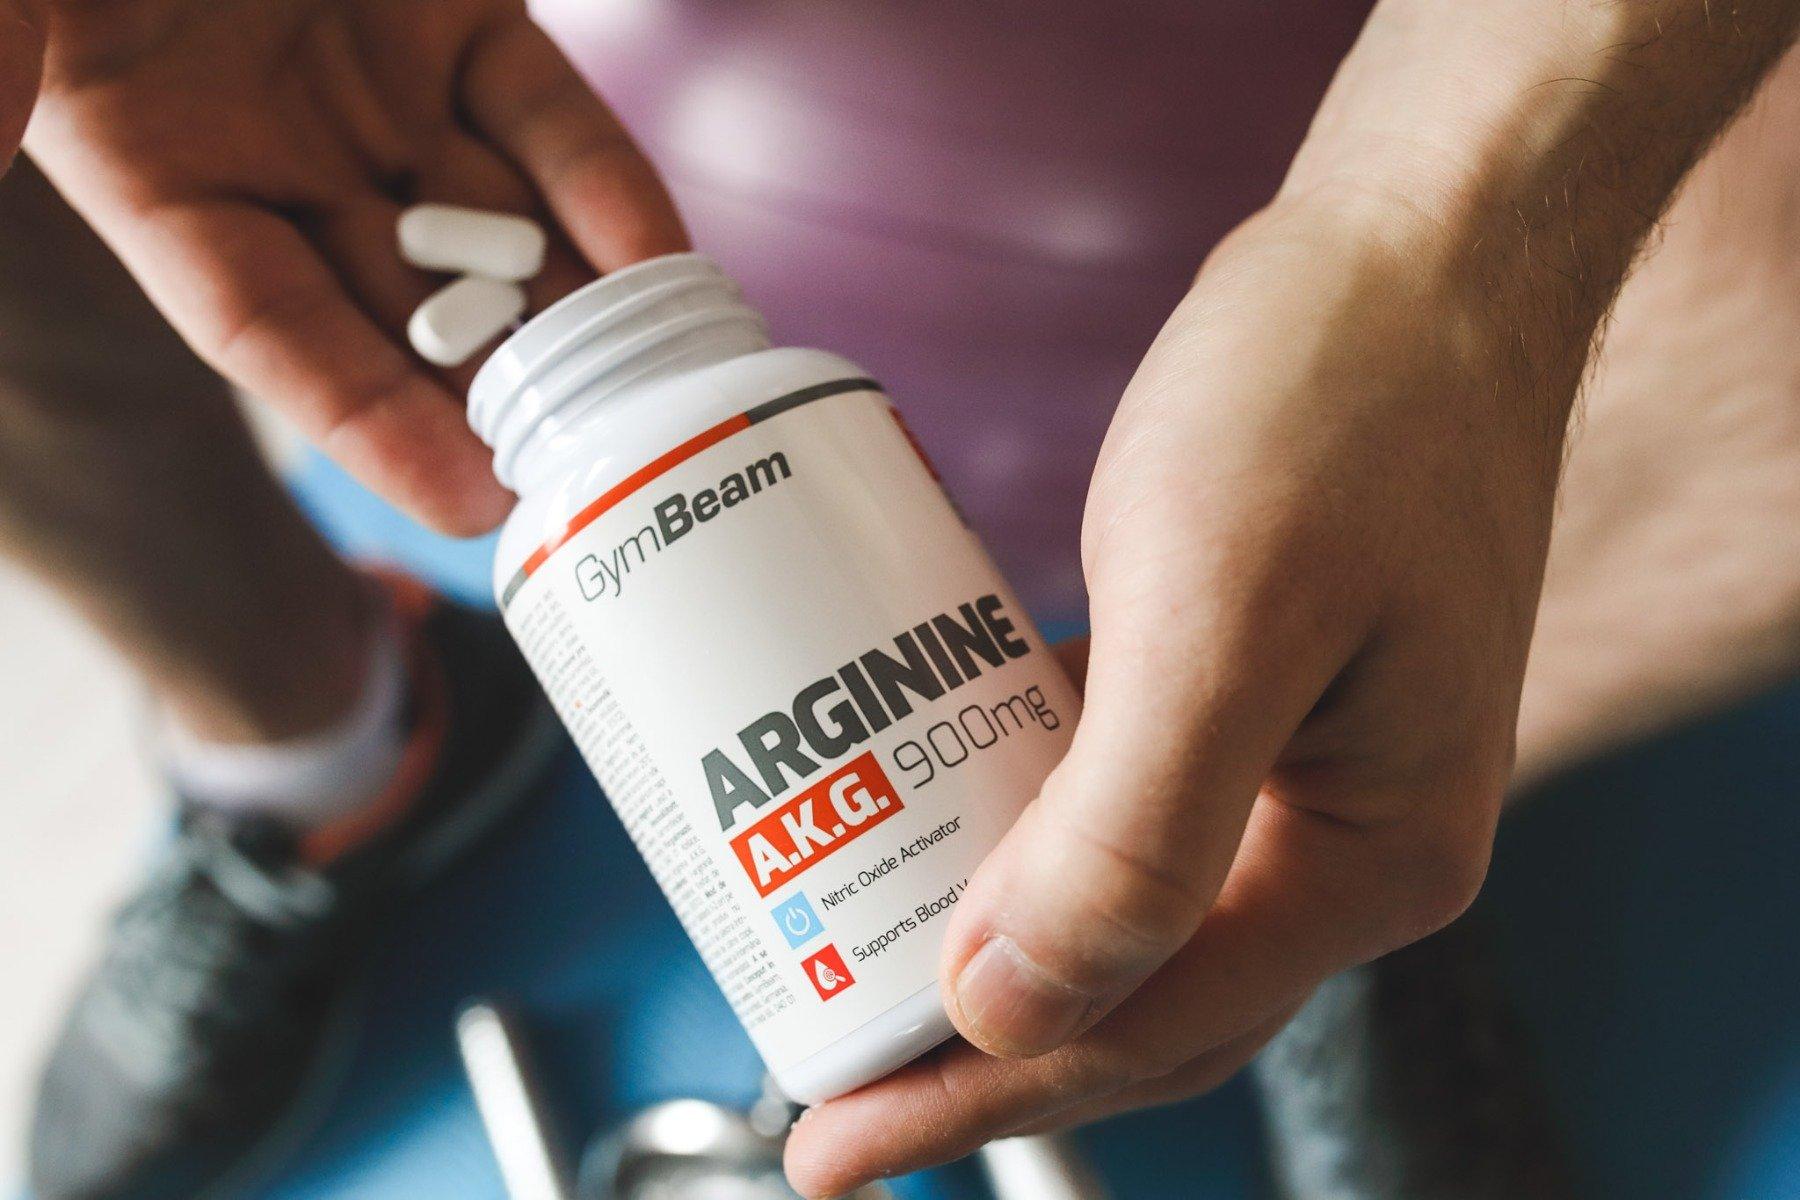 l pierderea în greutate arginină și l ornitină